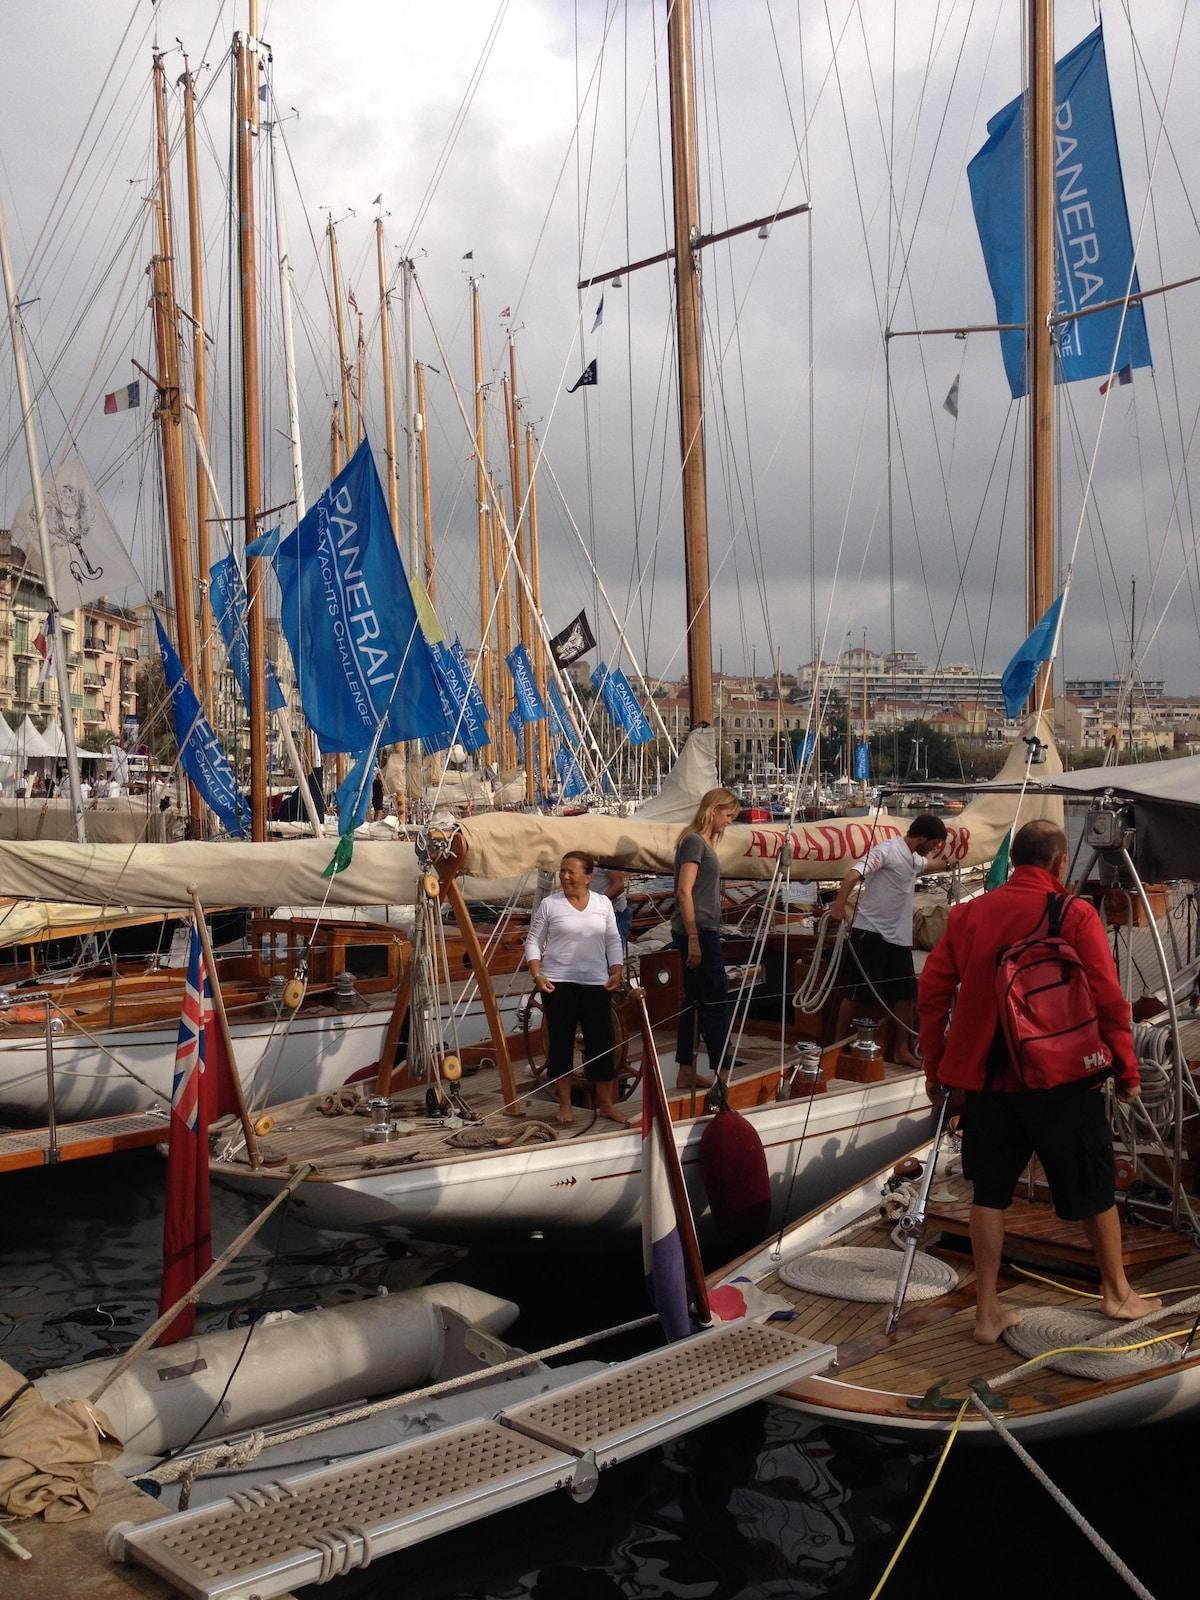 Jean-Bernard from Cannes